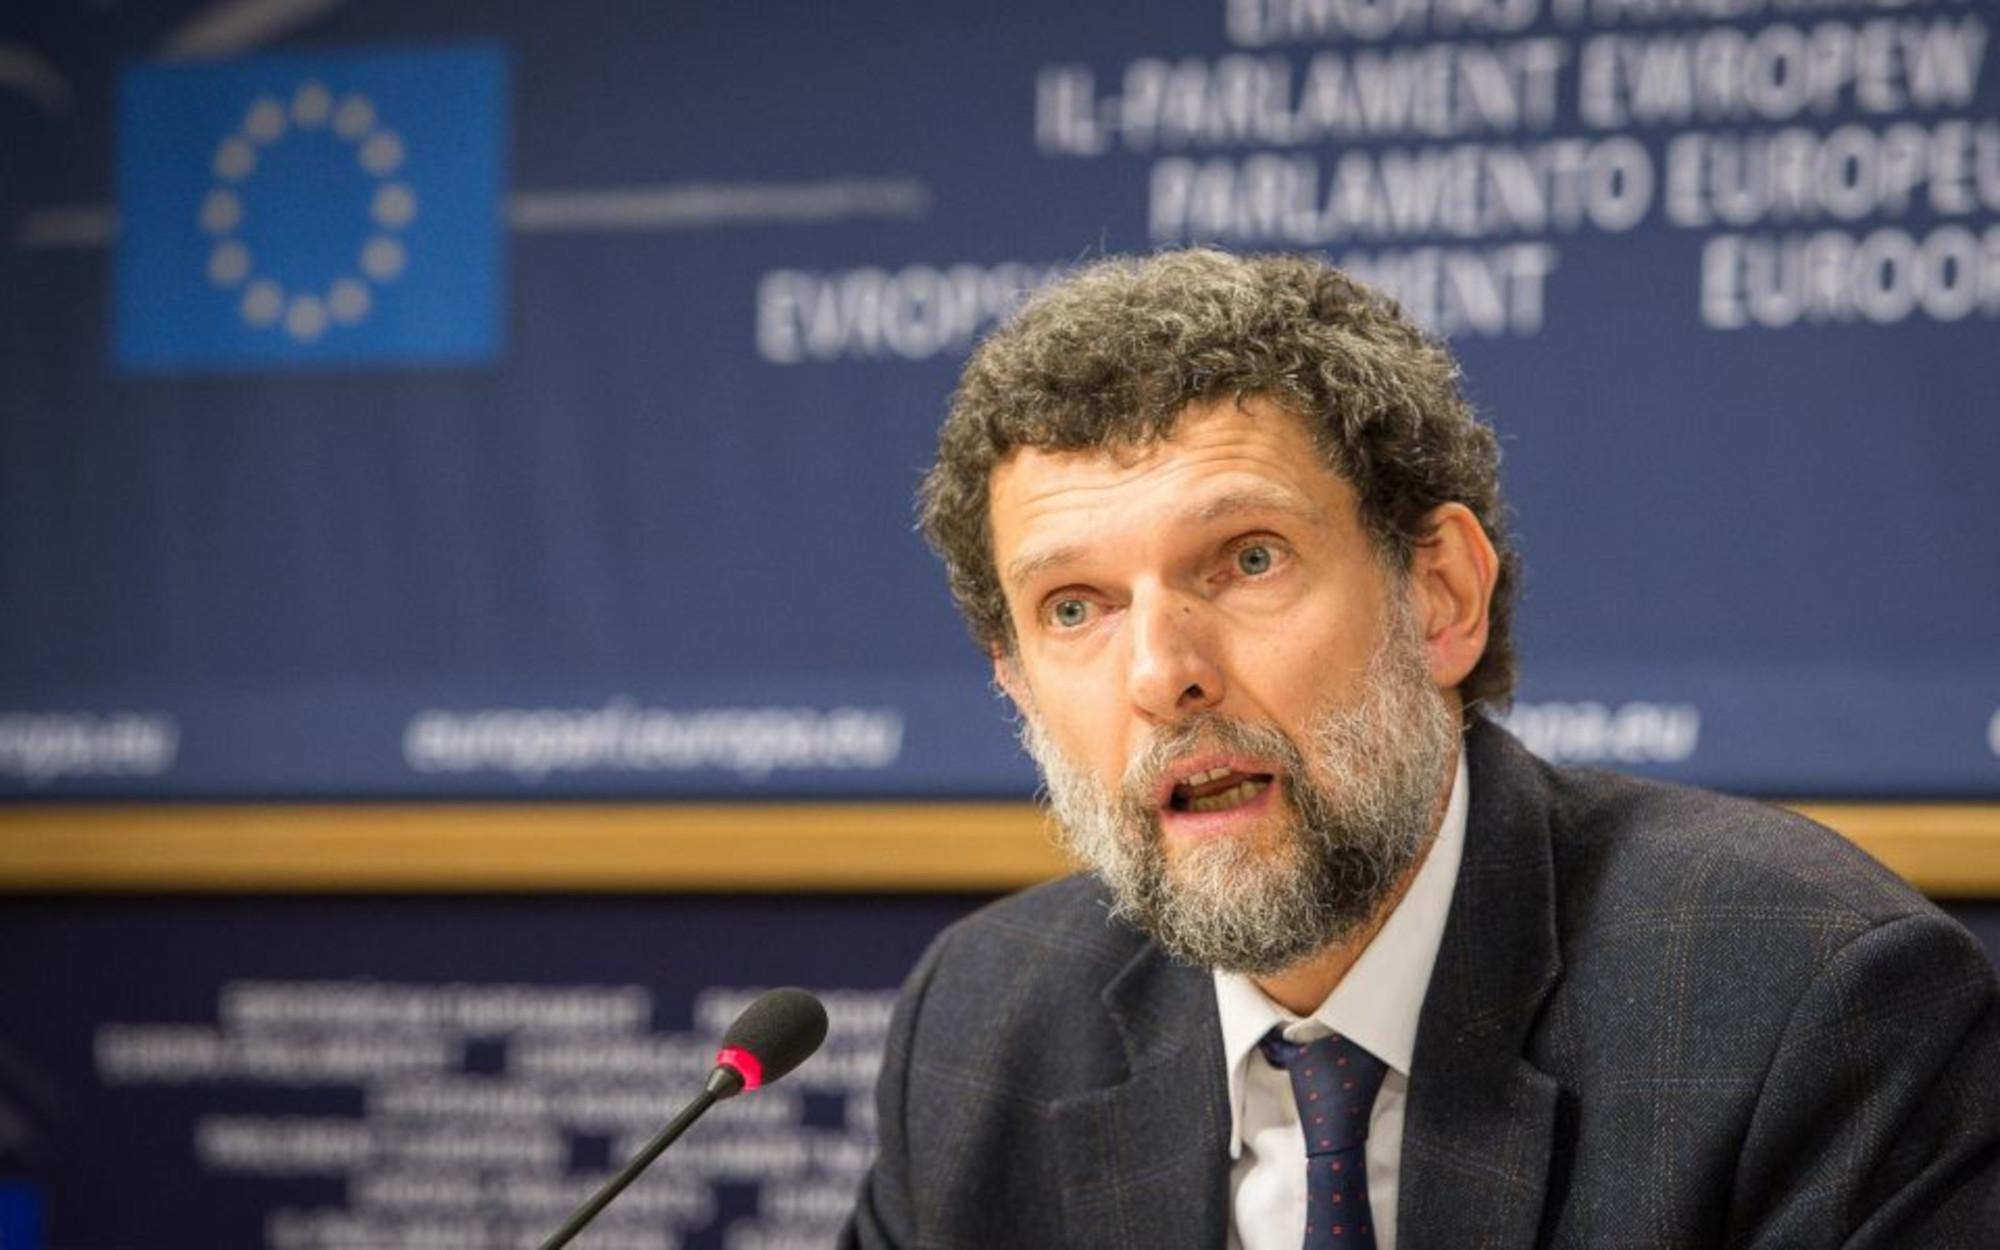 Τουρκία: Το Συμβούλιο της Ευρώπης απειλεί με κυρώσεις αν δεν αποφυλακιστεί ο Καβαλά